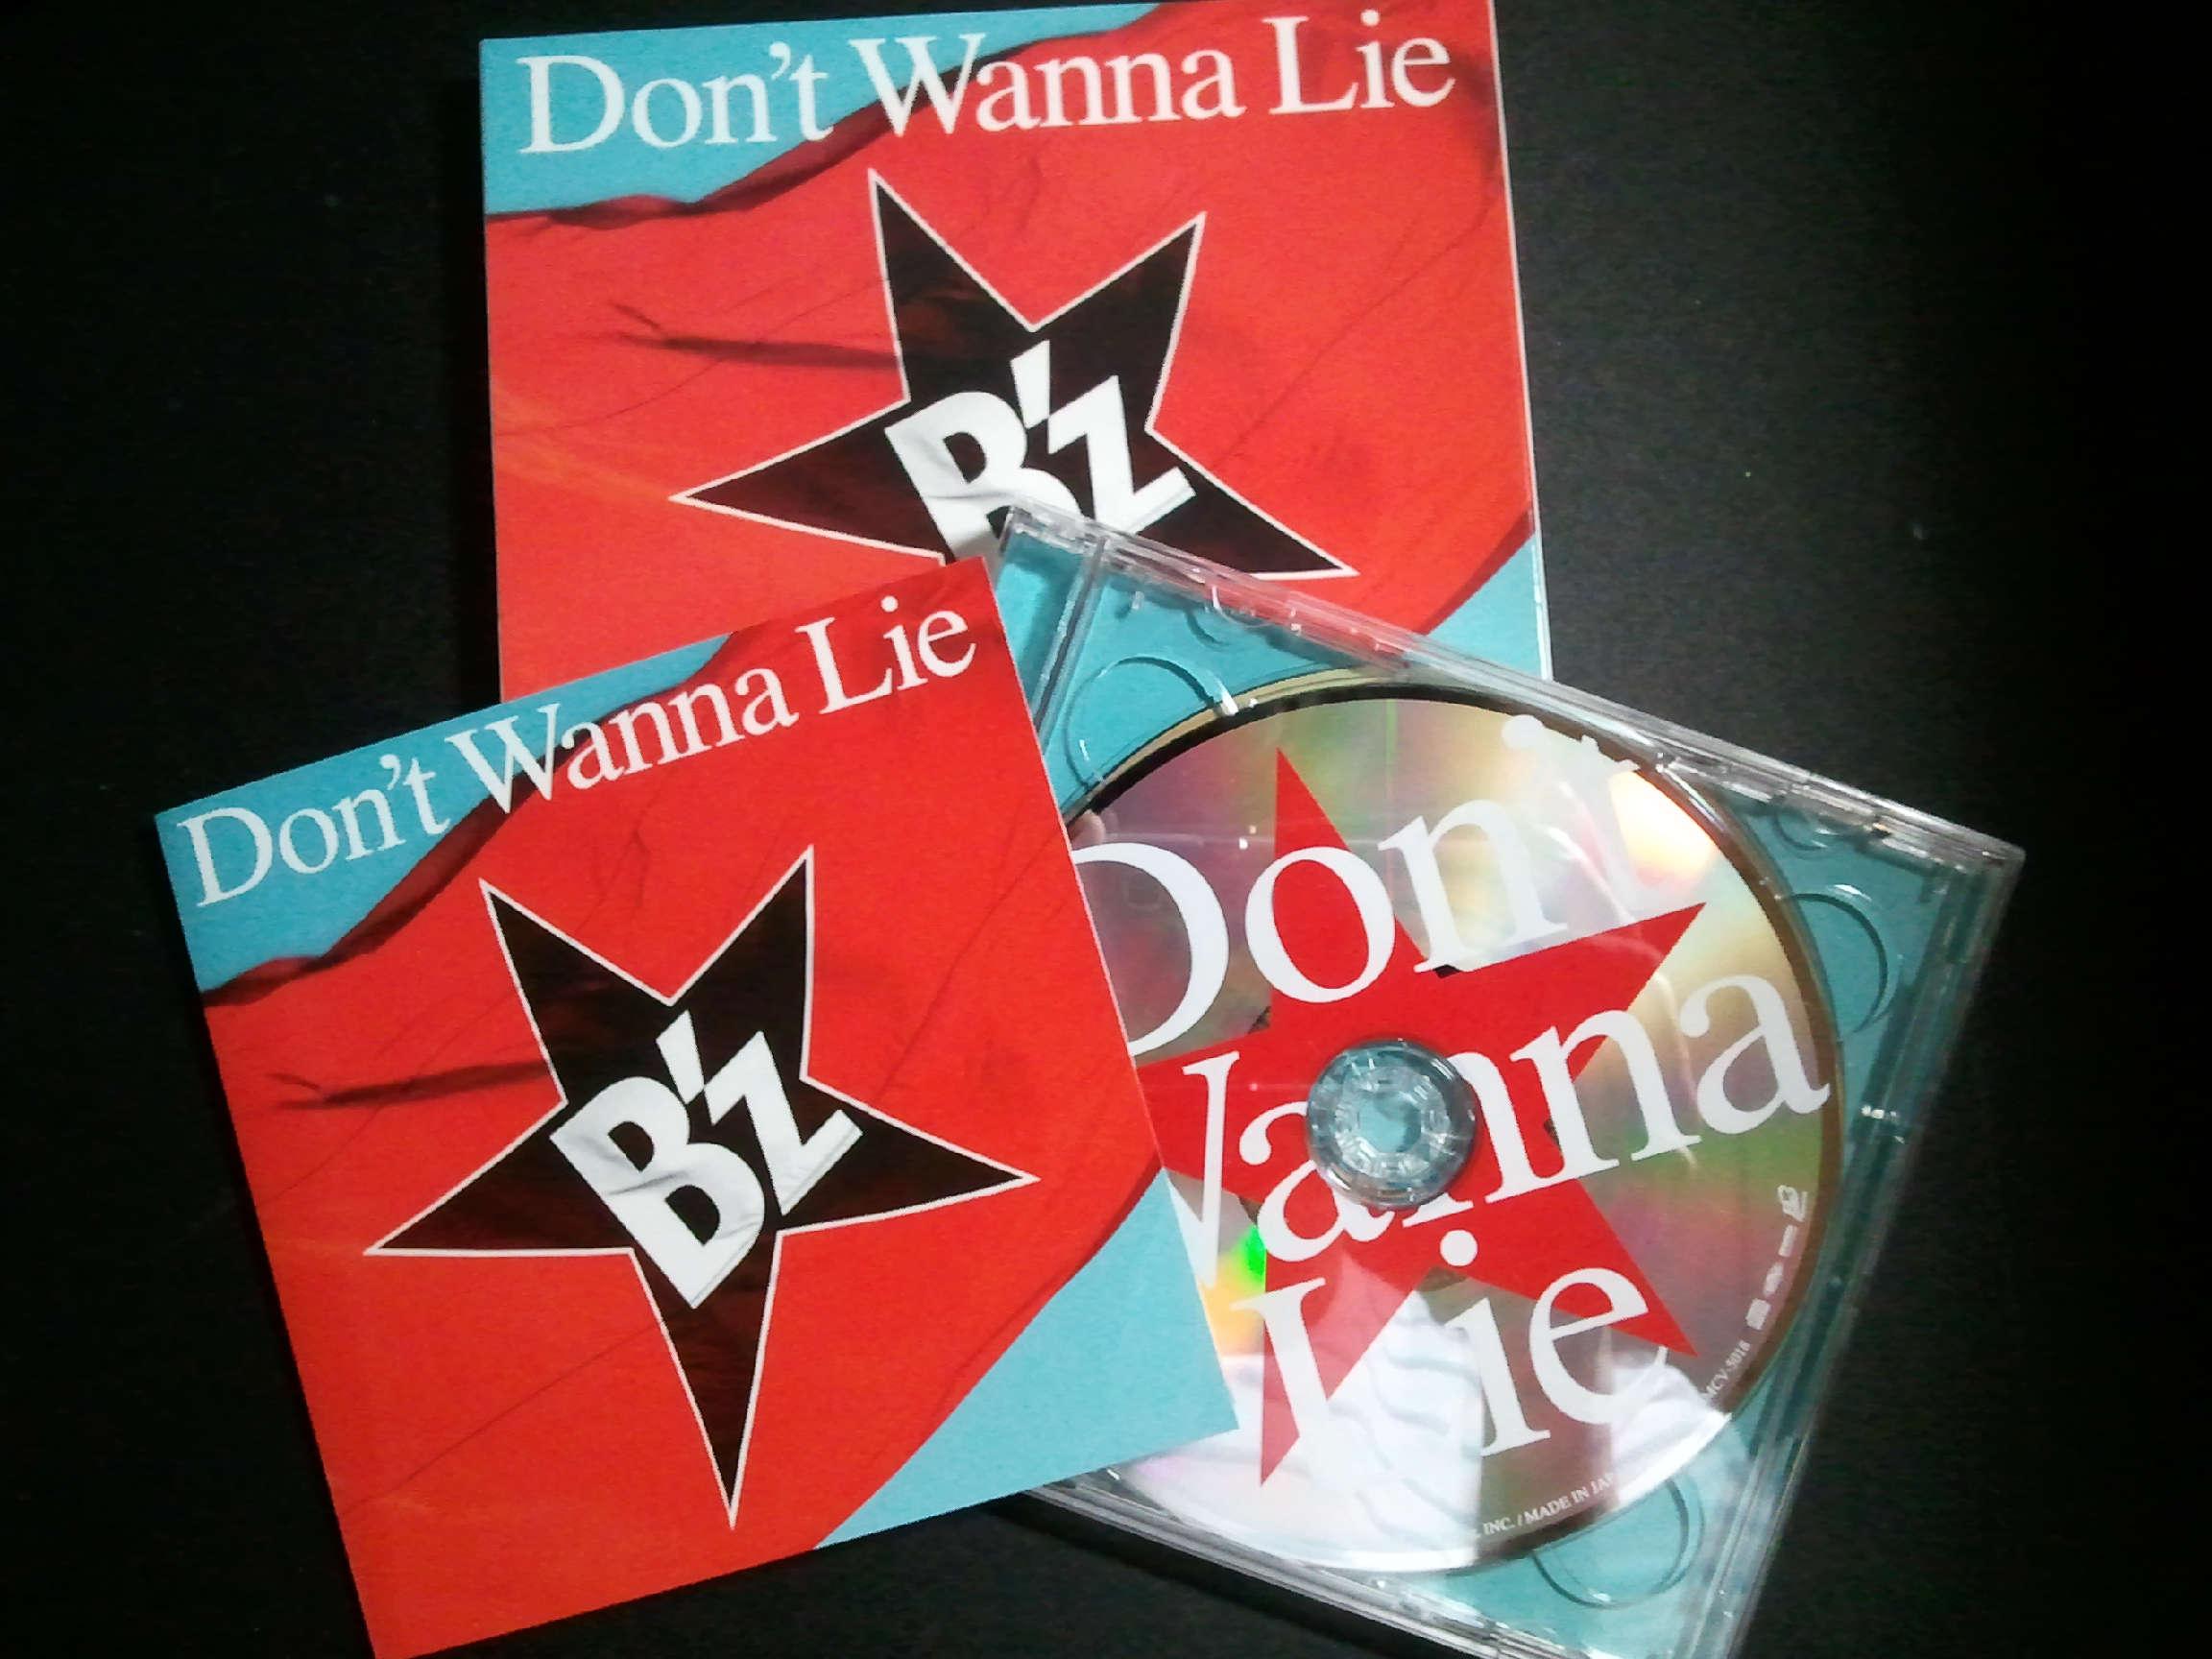 B'z Don't Wanna Lie